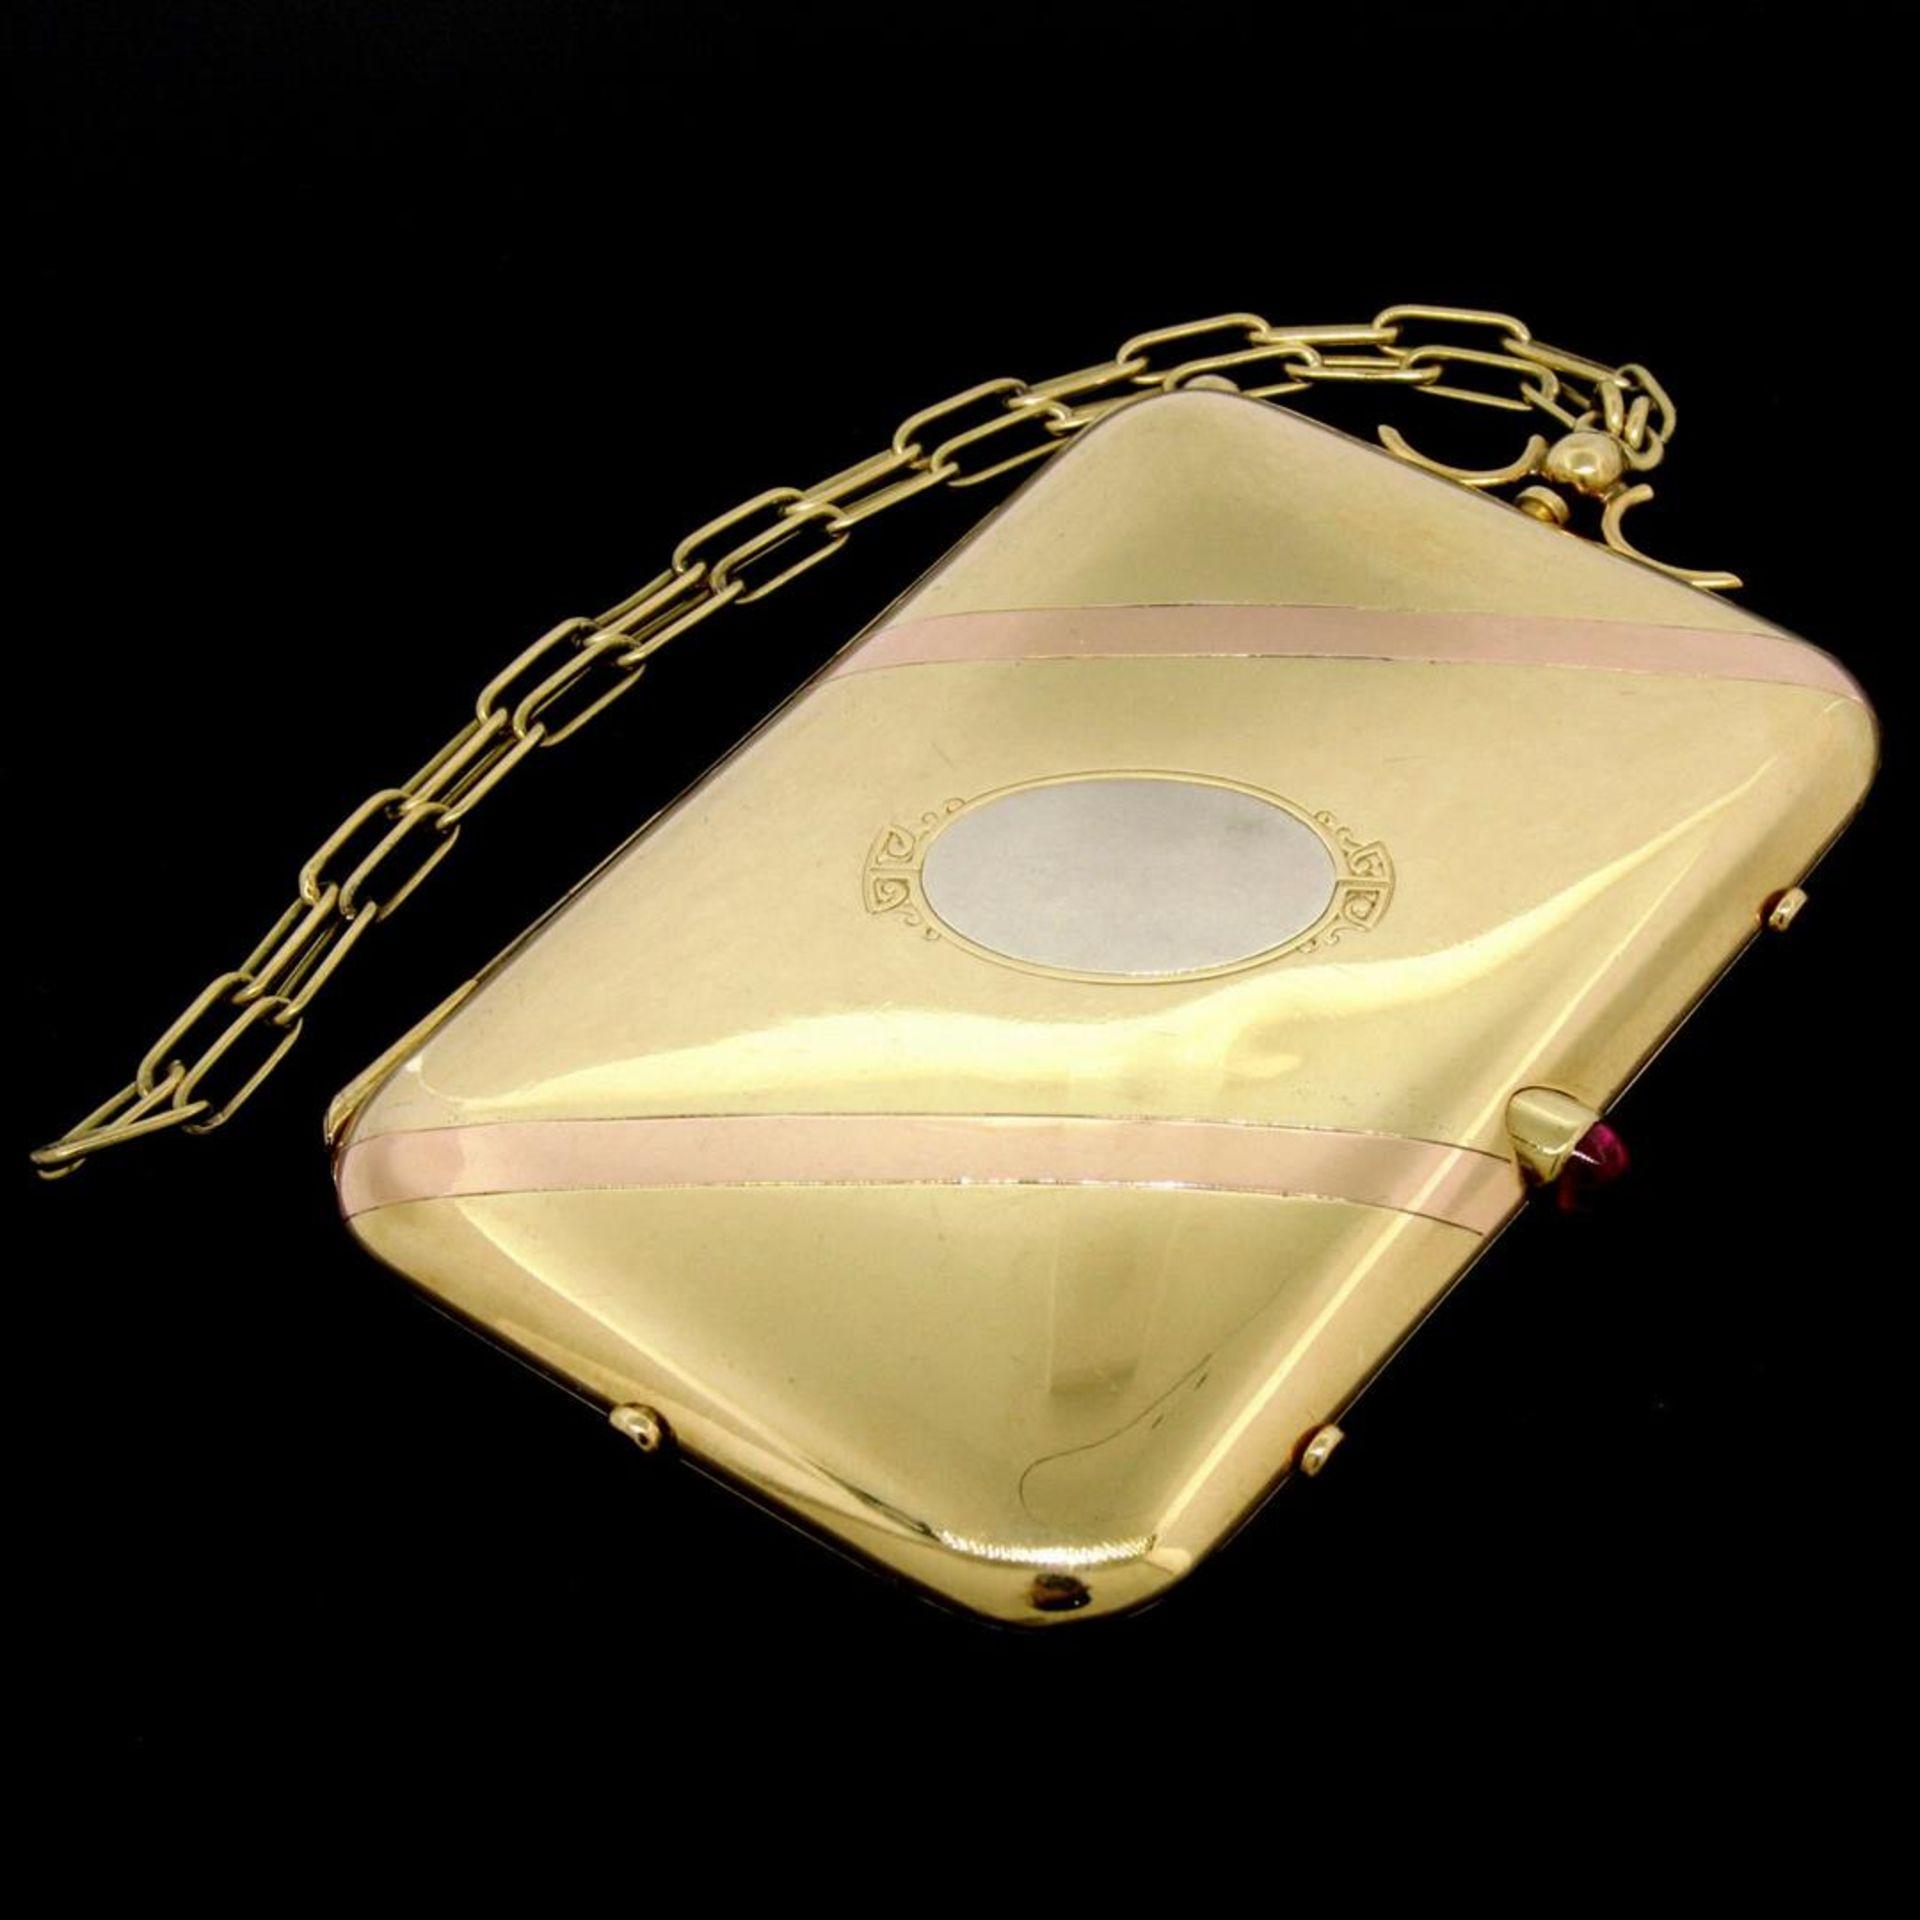 Vintage BOUCHERON Paris 18k Tri Color Gold Ruby Compact Powder Case - Image 2 of 9